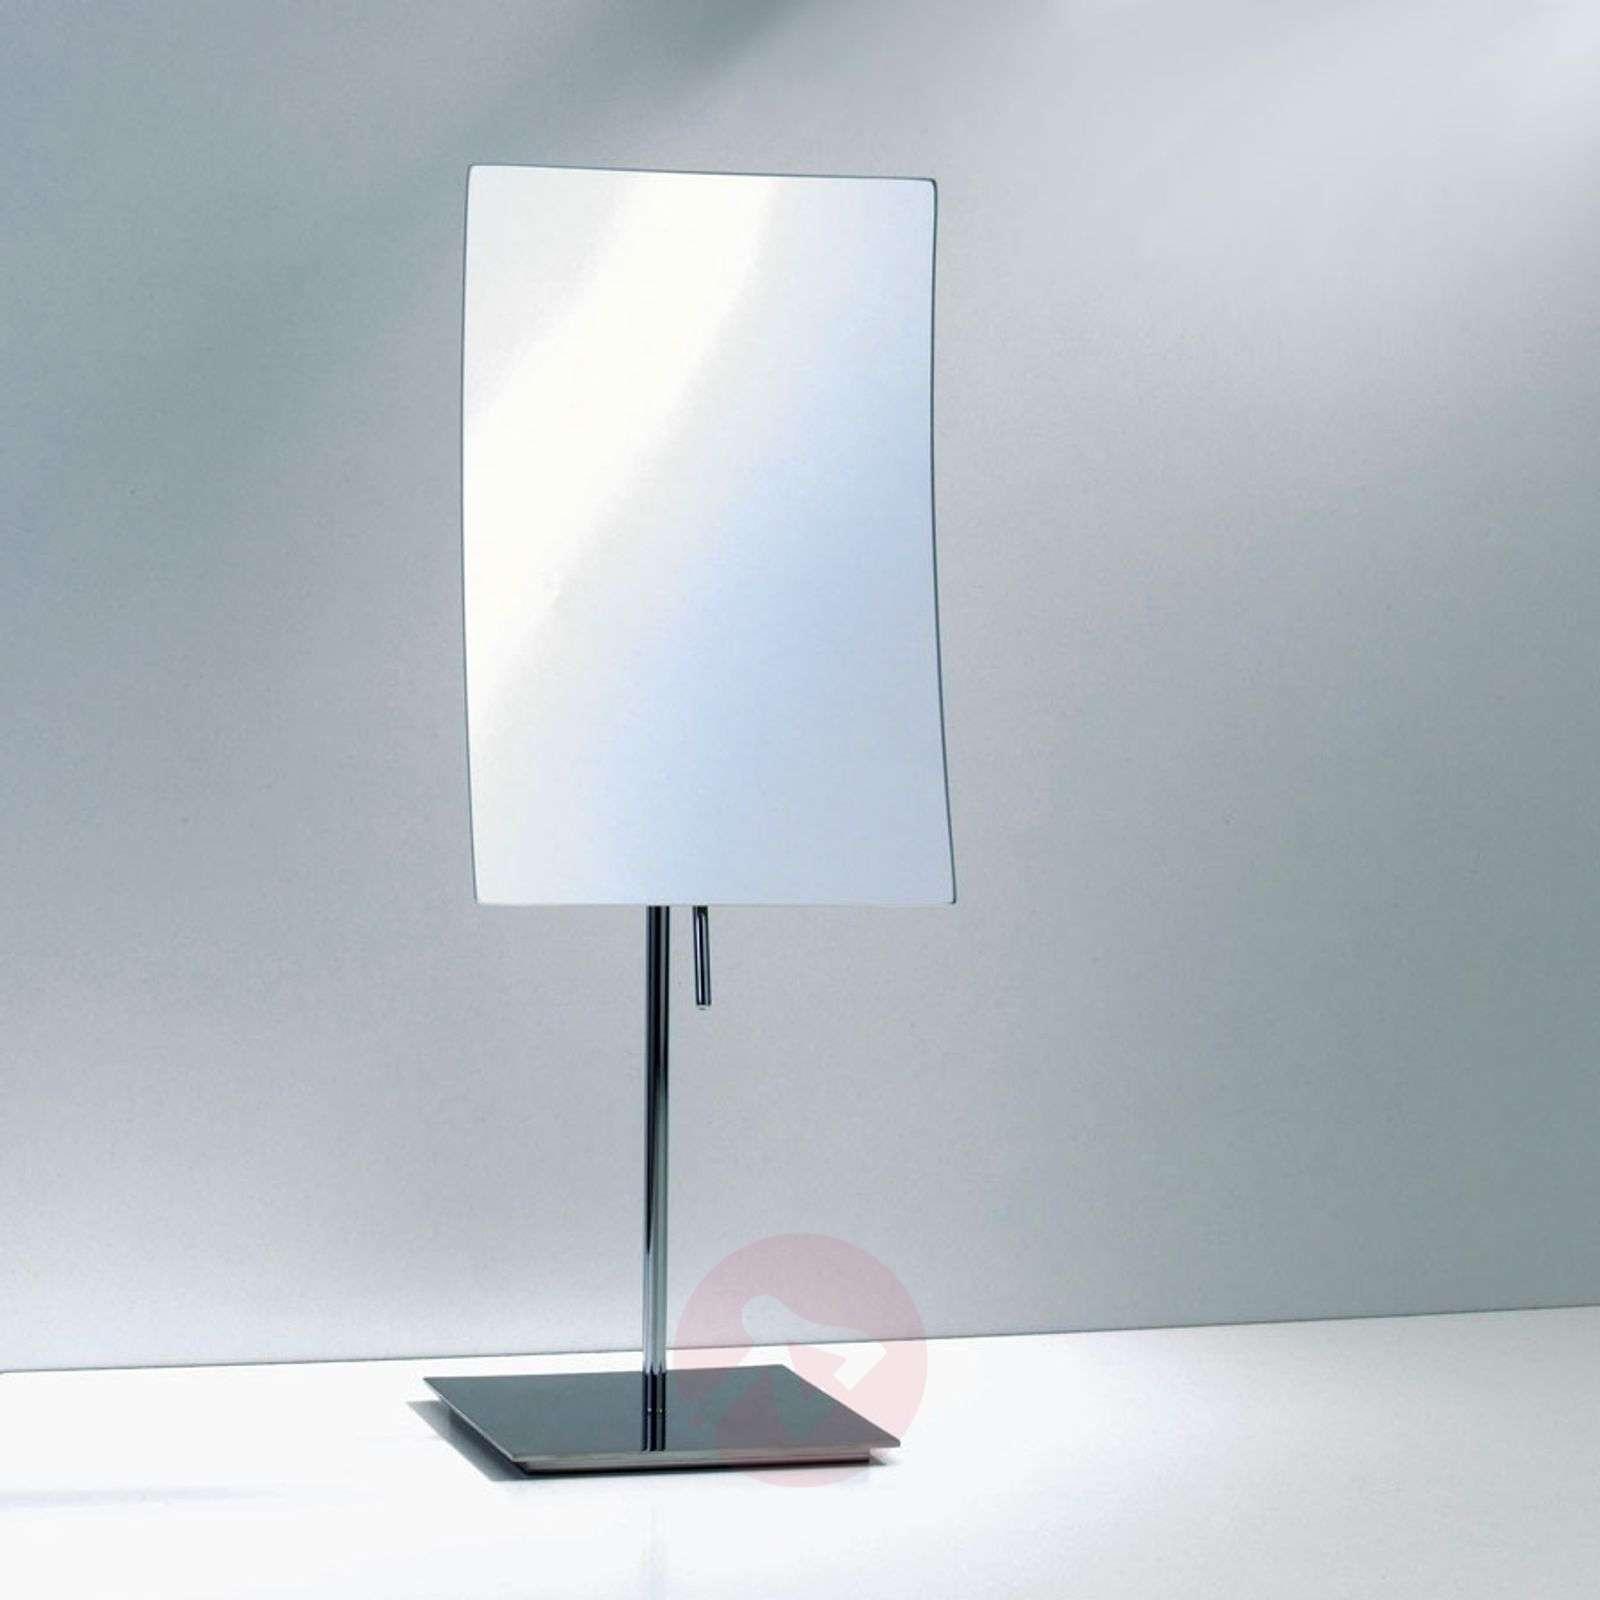 NOOK fine cosmetic pedestal mirror-2504211-01